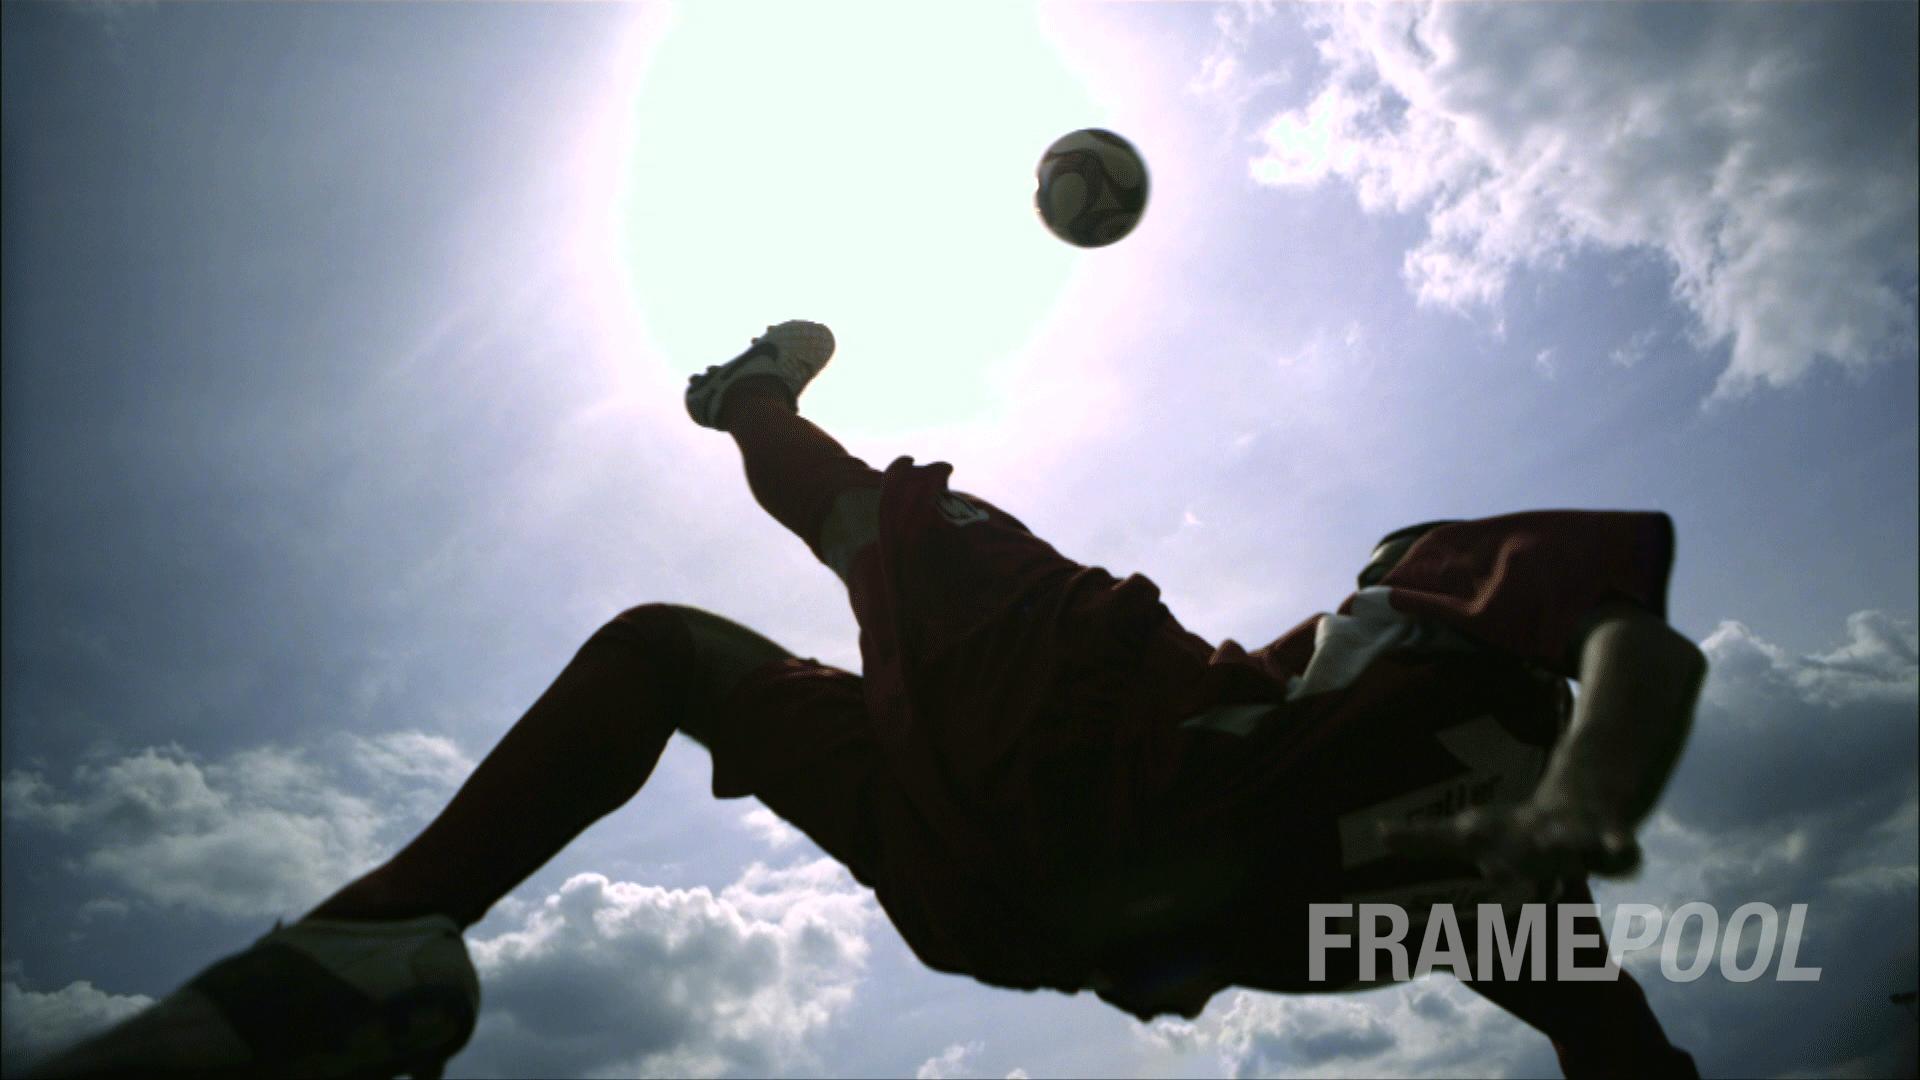 Framepool_soccer.png